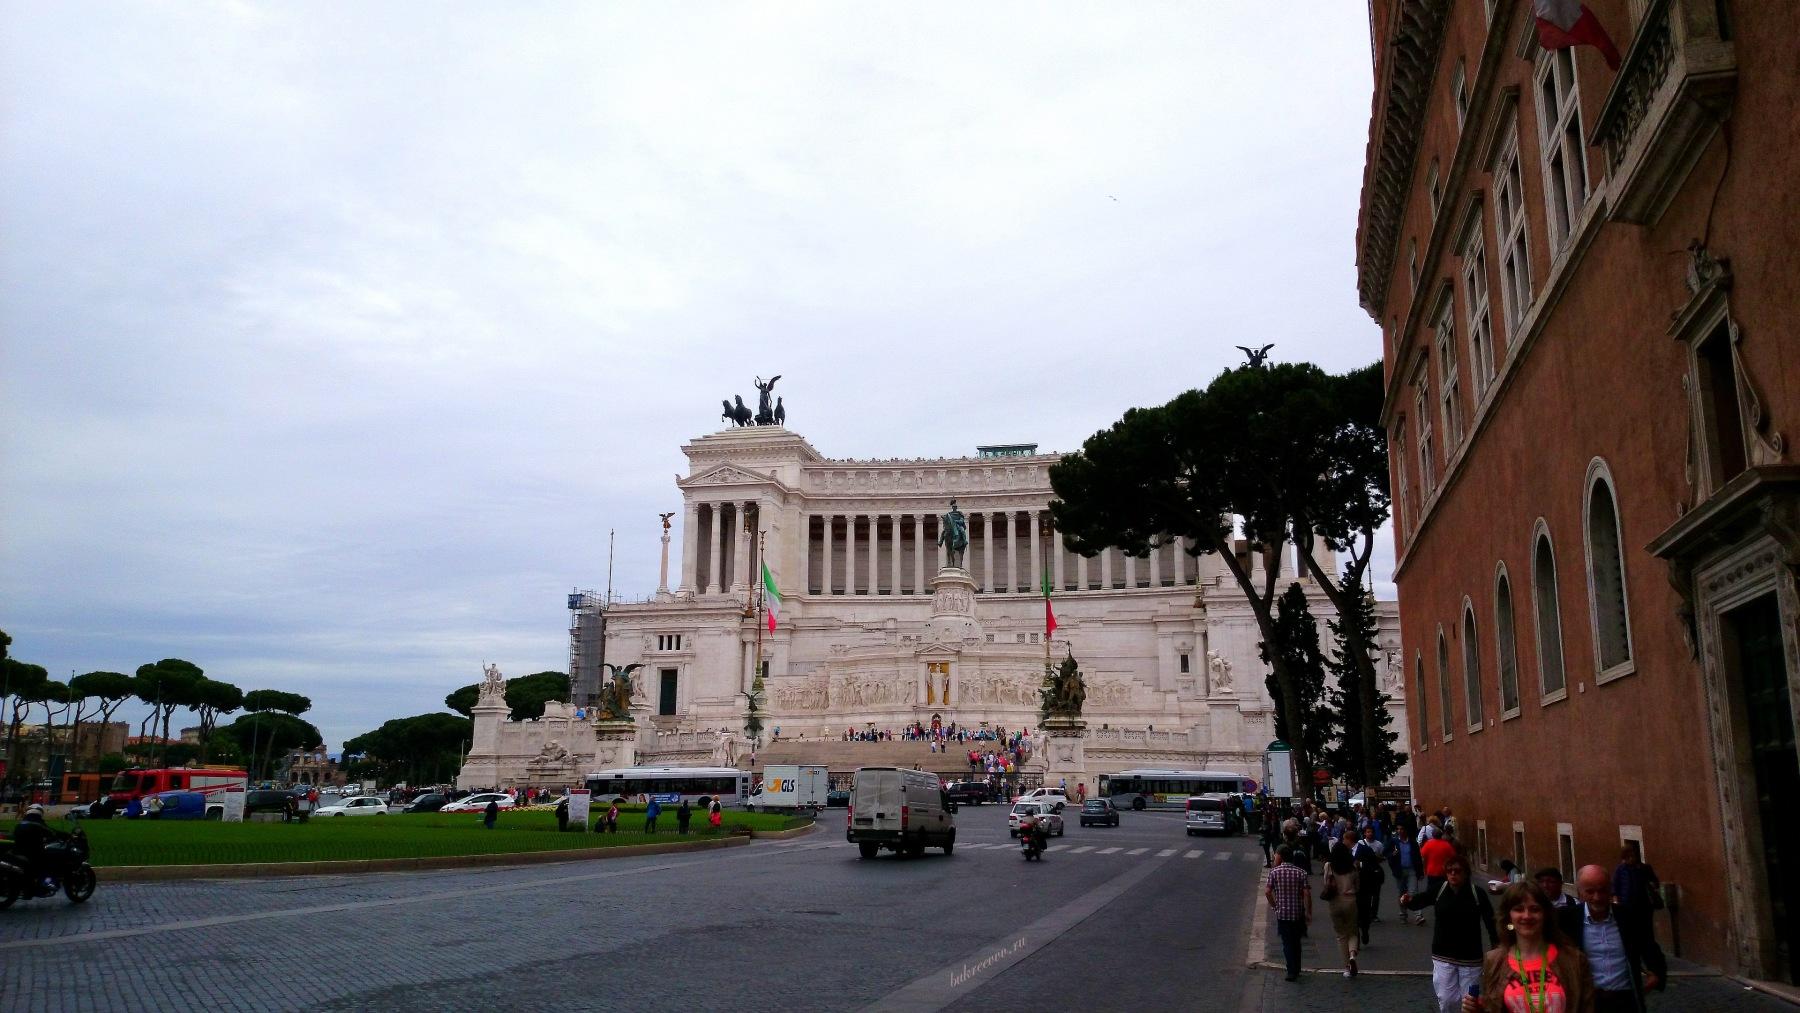 Piazza Venezia 64